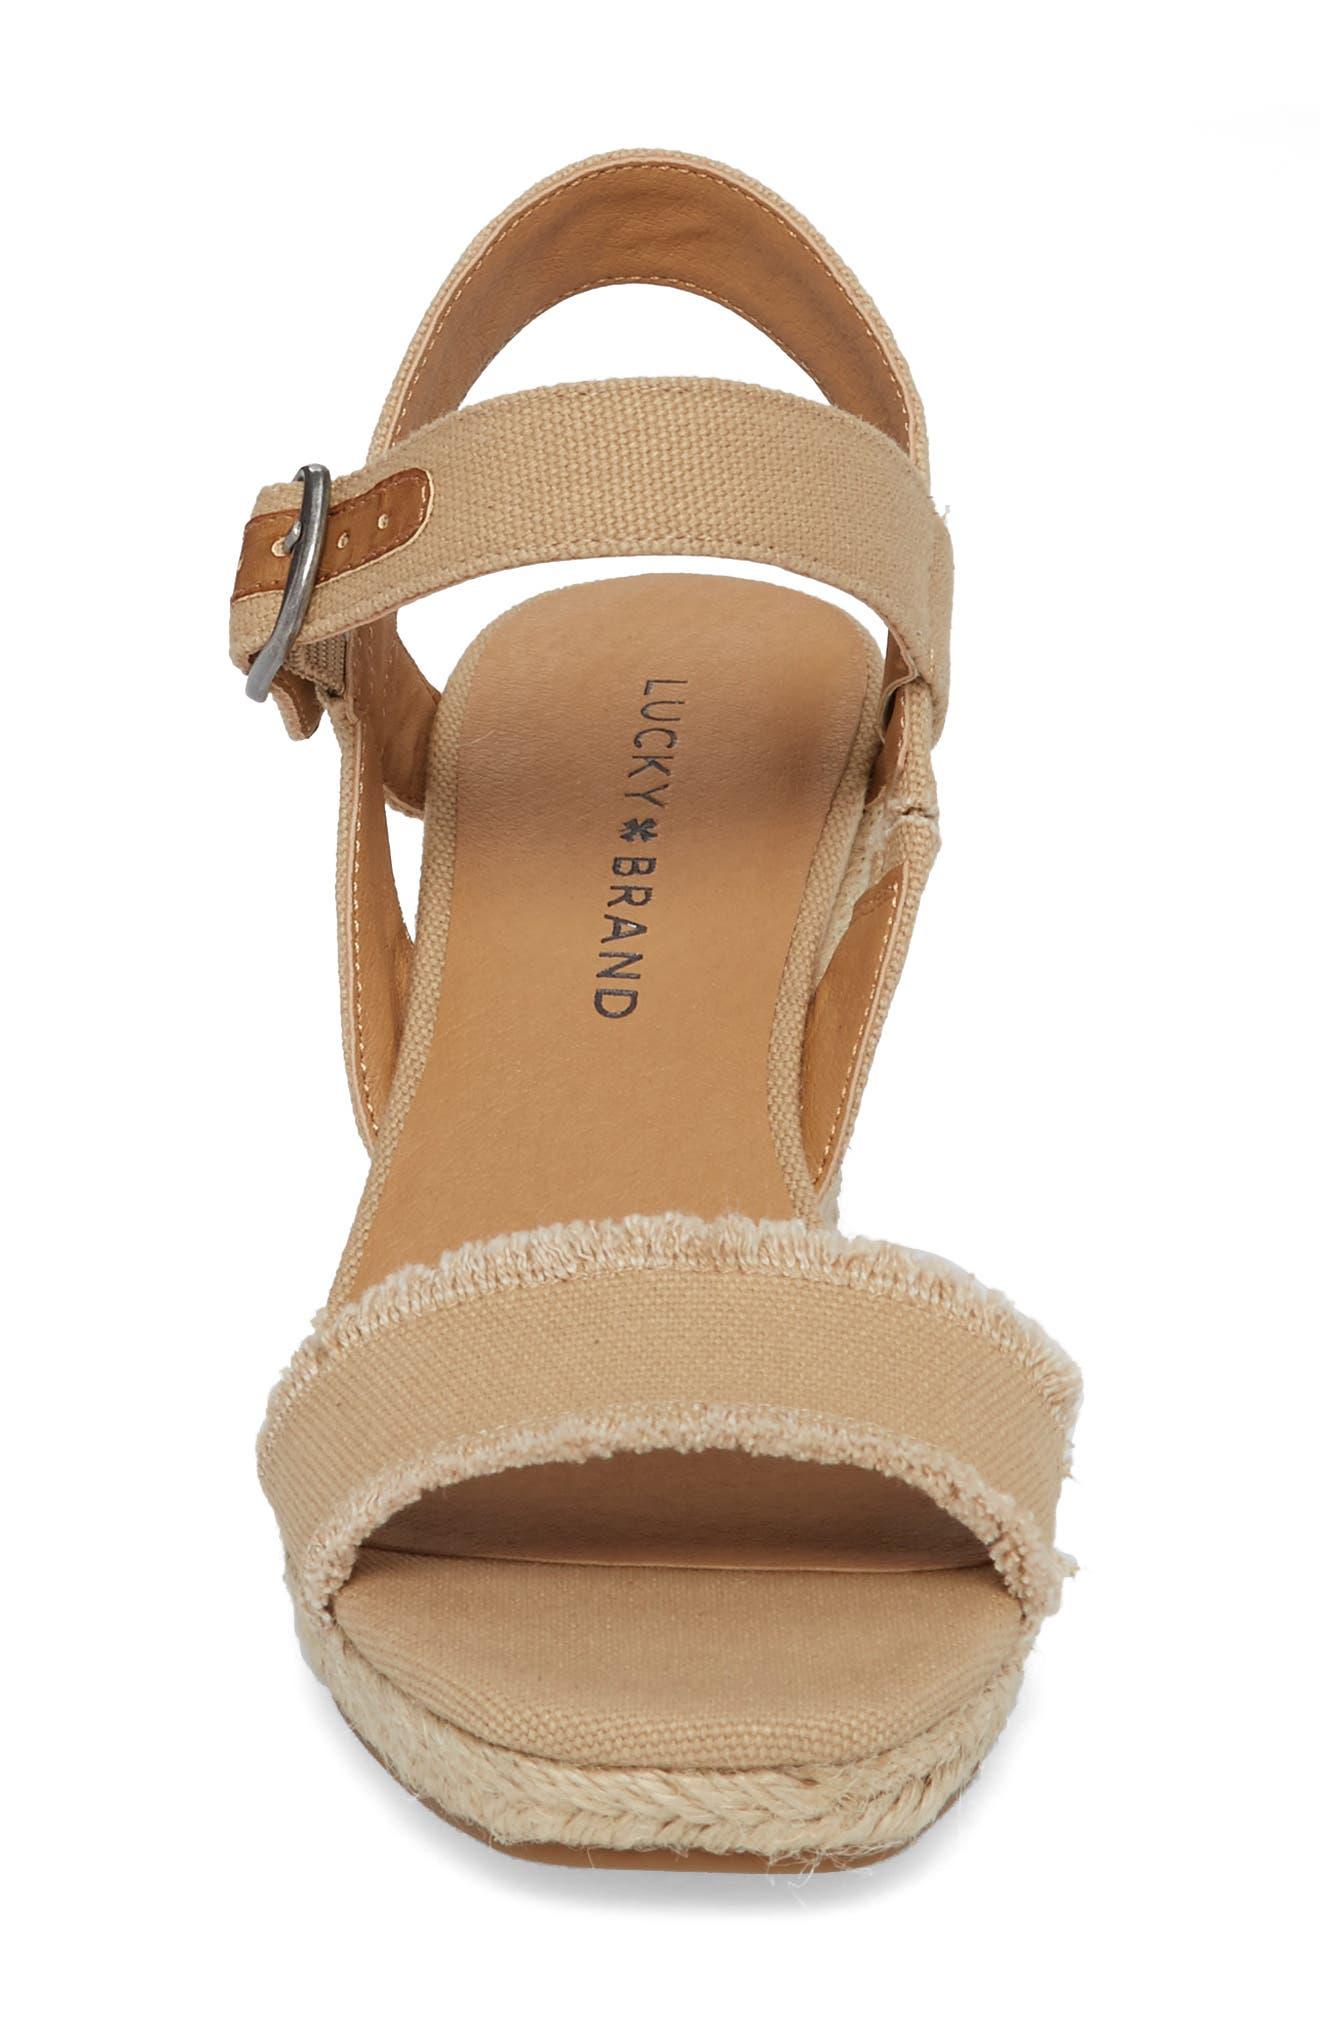 Marceline Squared Toe Wedge Sandal,                             Alternate thumbnail 24, color,